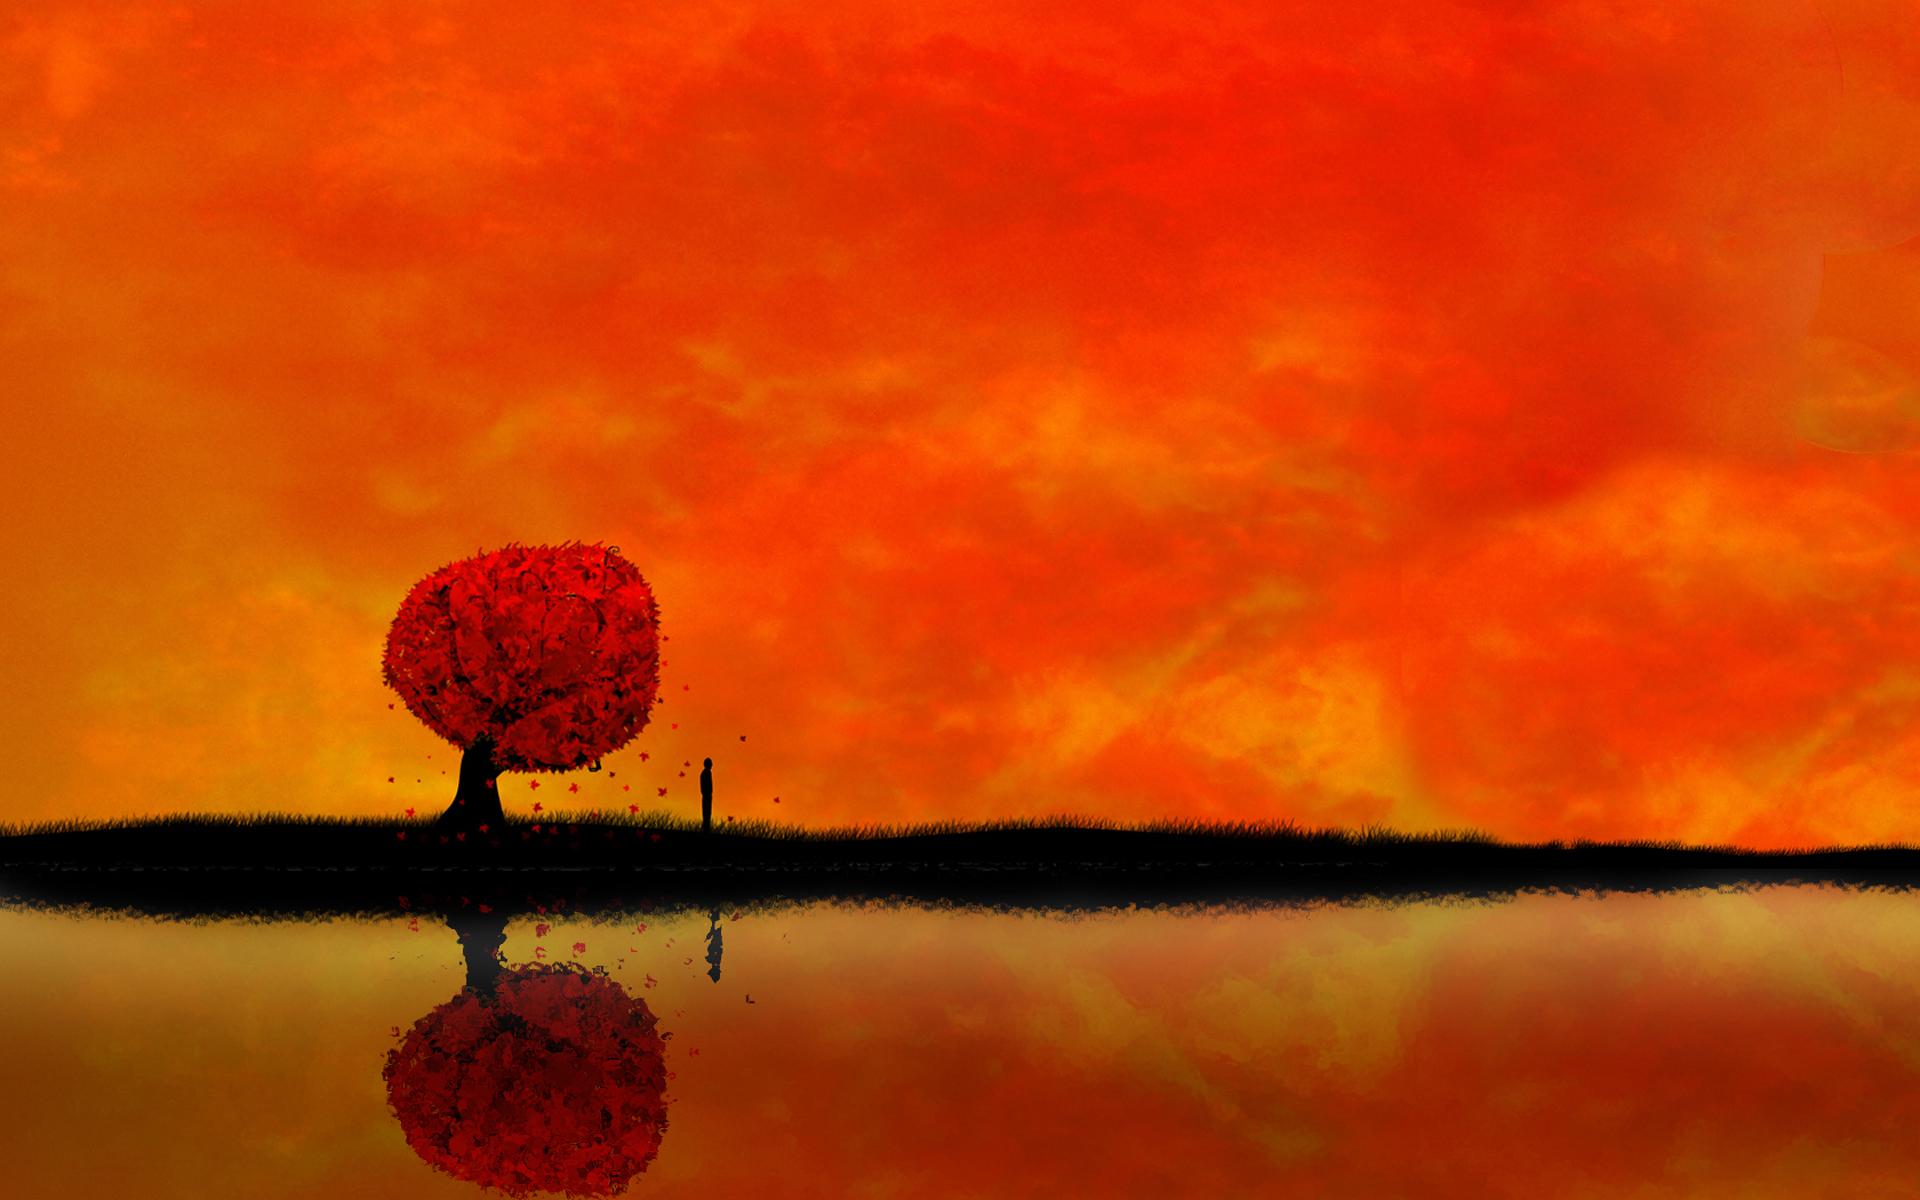 Atardecer digital paisaje - 1920x1200